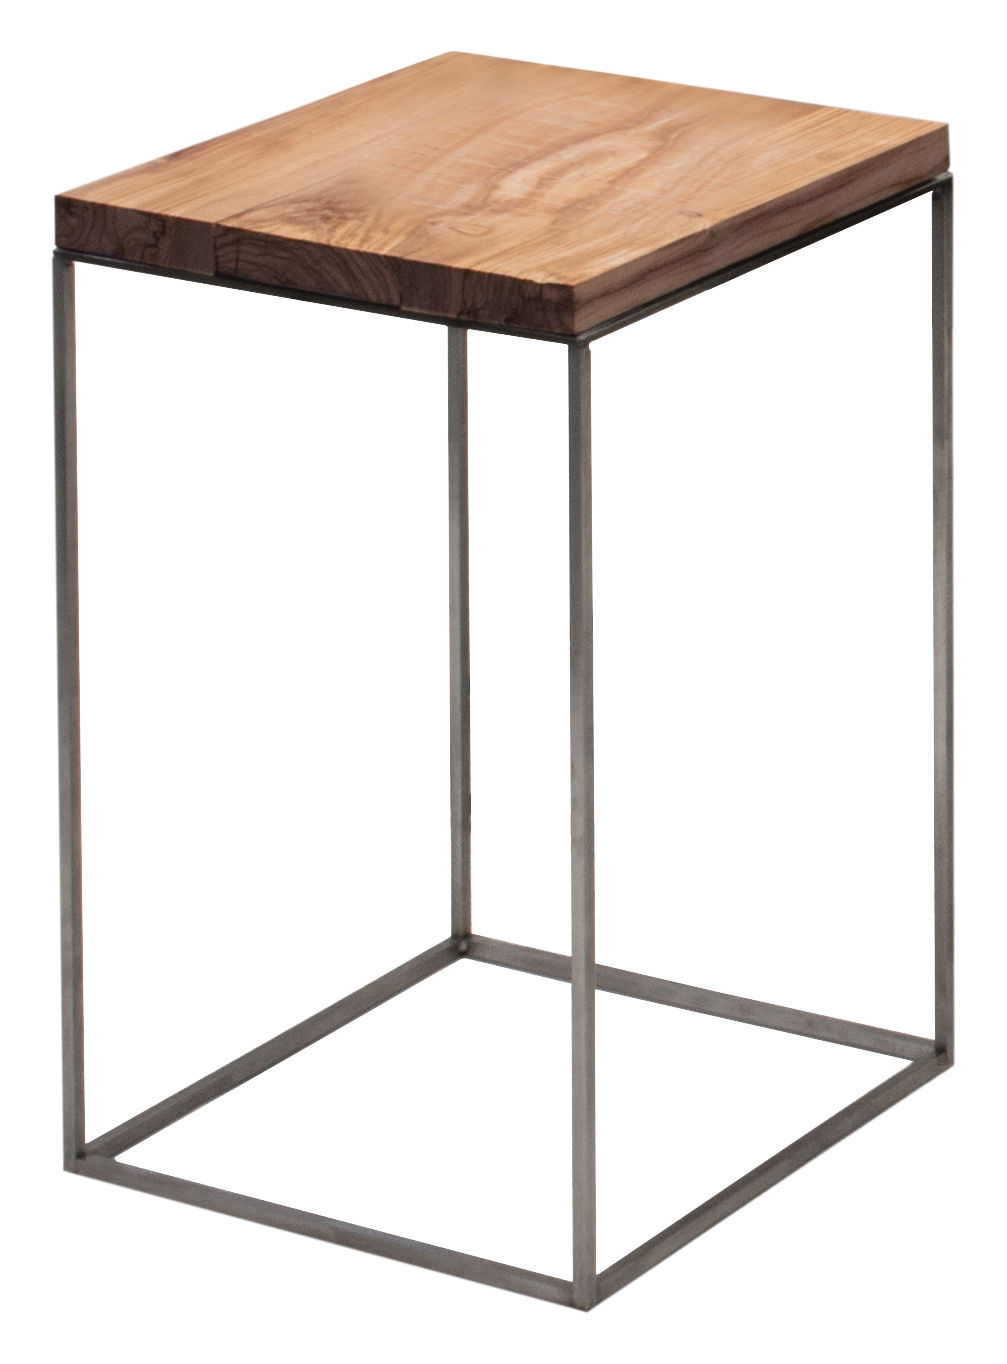 Möbel - Couchtische - Slim Irony Couchtisch / 31 x 31 x H 46 cm - Zeus - Holz natur - Stahl, Zedernholz